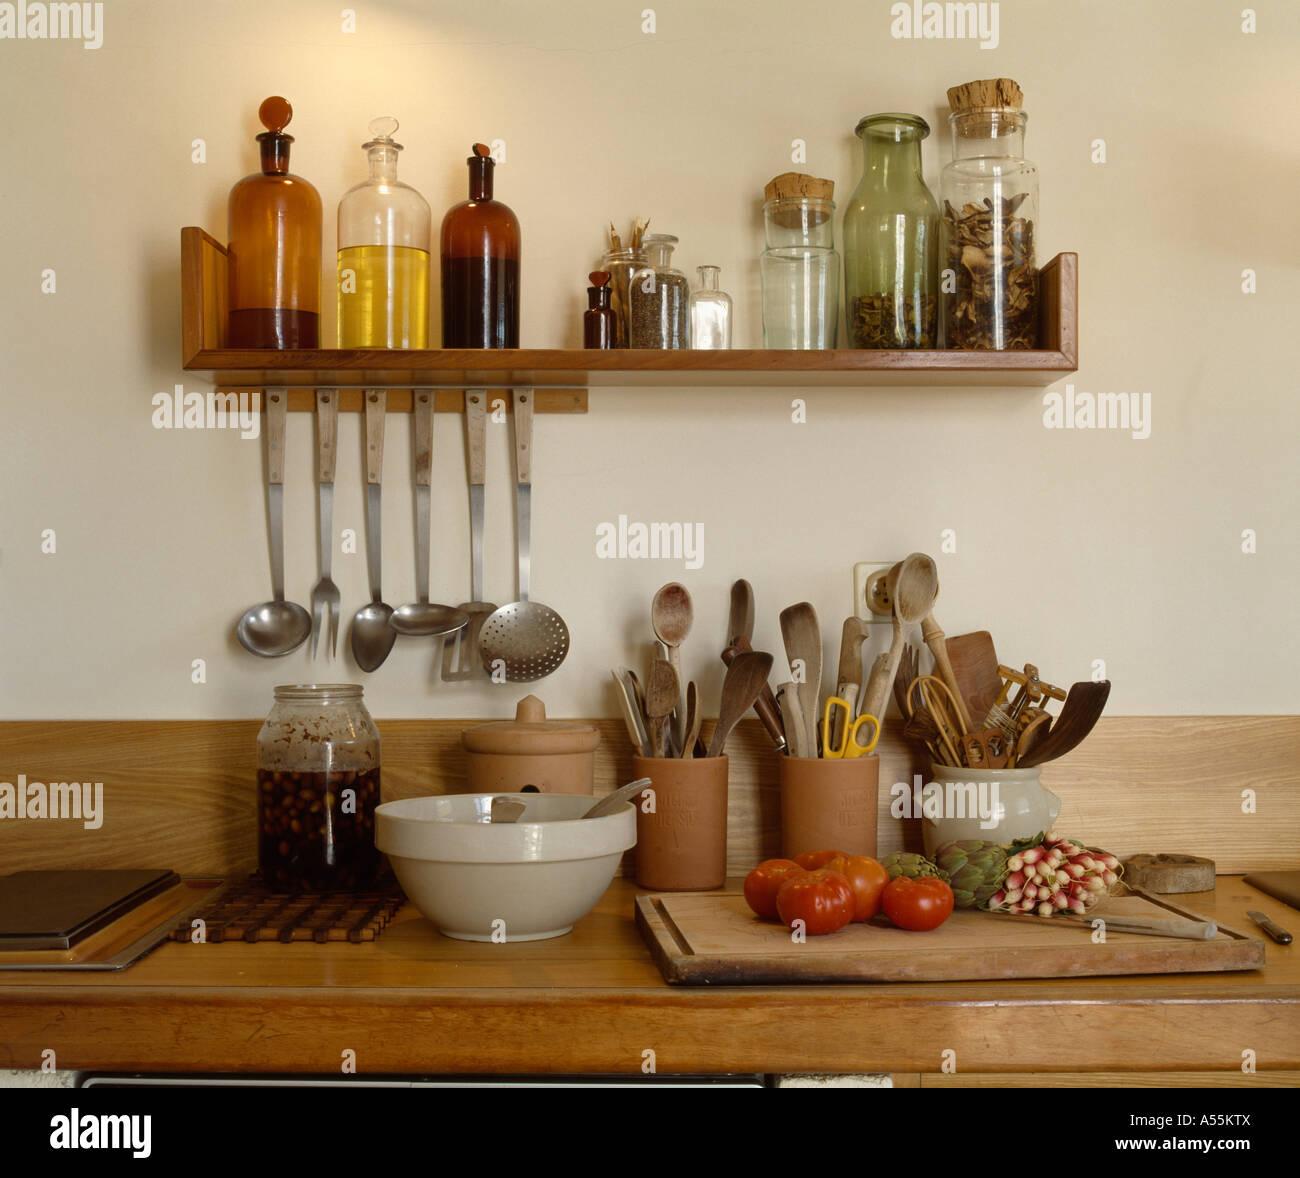 Nahaufnahme Von Holzregal Mit Glasflaschen Ol Oberhalb Arbeitsplatte Mit Topfen Aufbewahrung Von Kuchenutensilien Stockfotografie Alamy